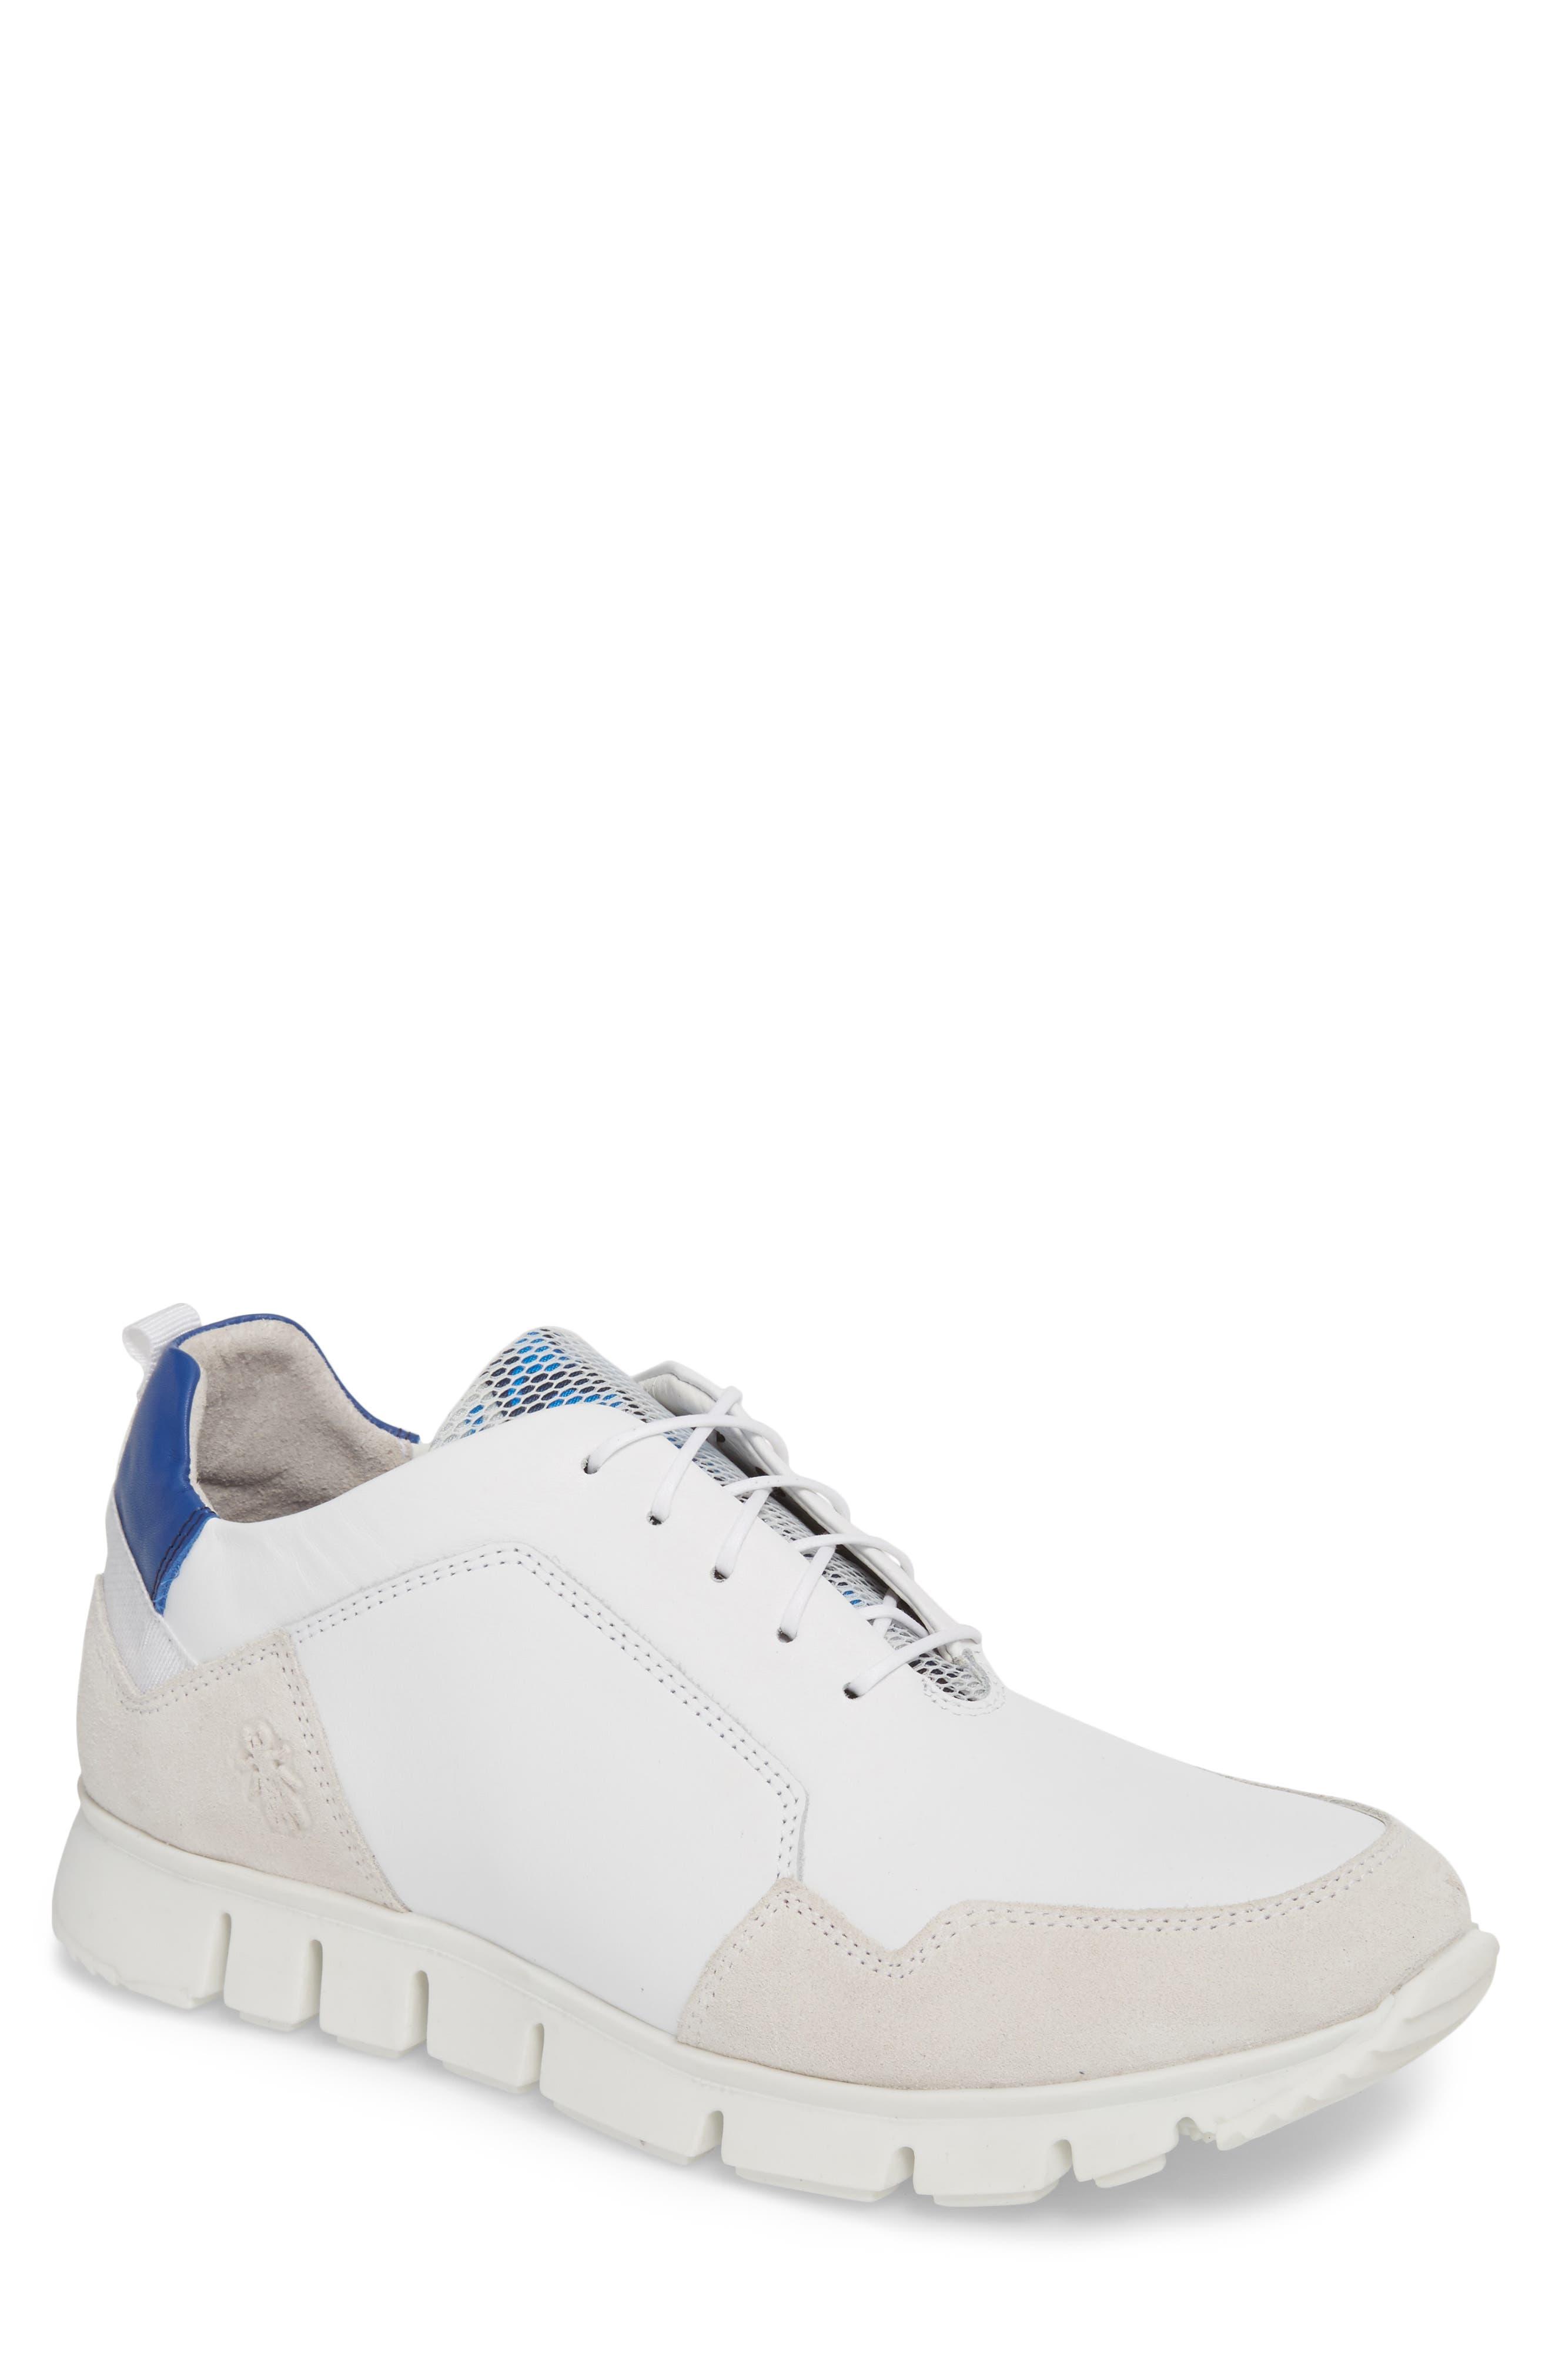 Fly London Sild Low Top Sneaker (Men)